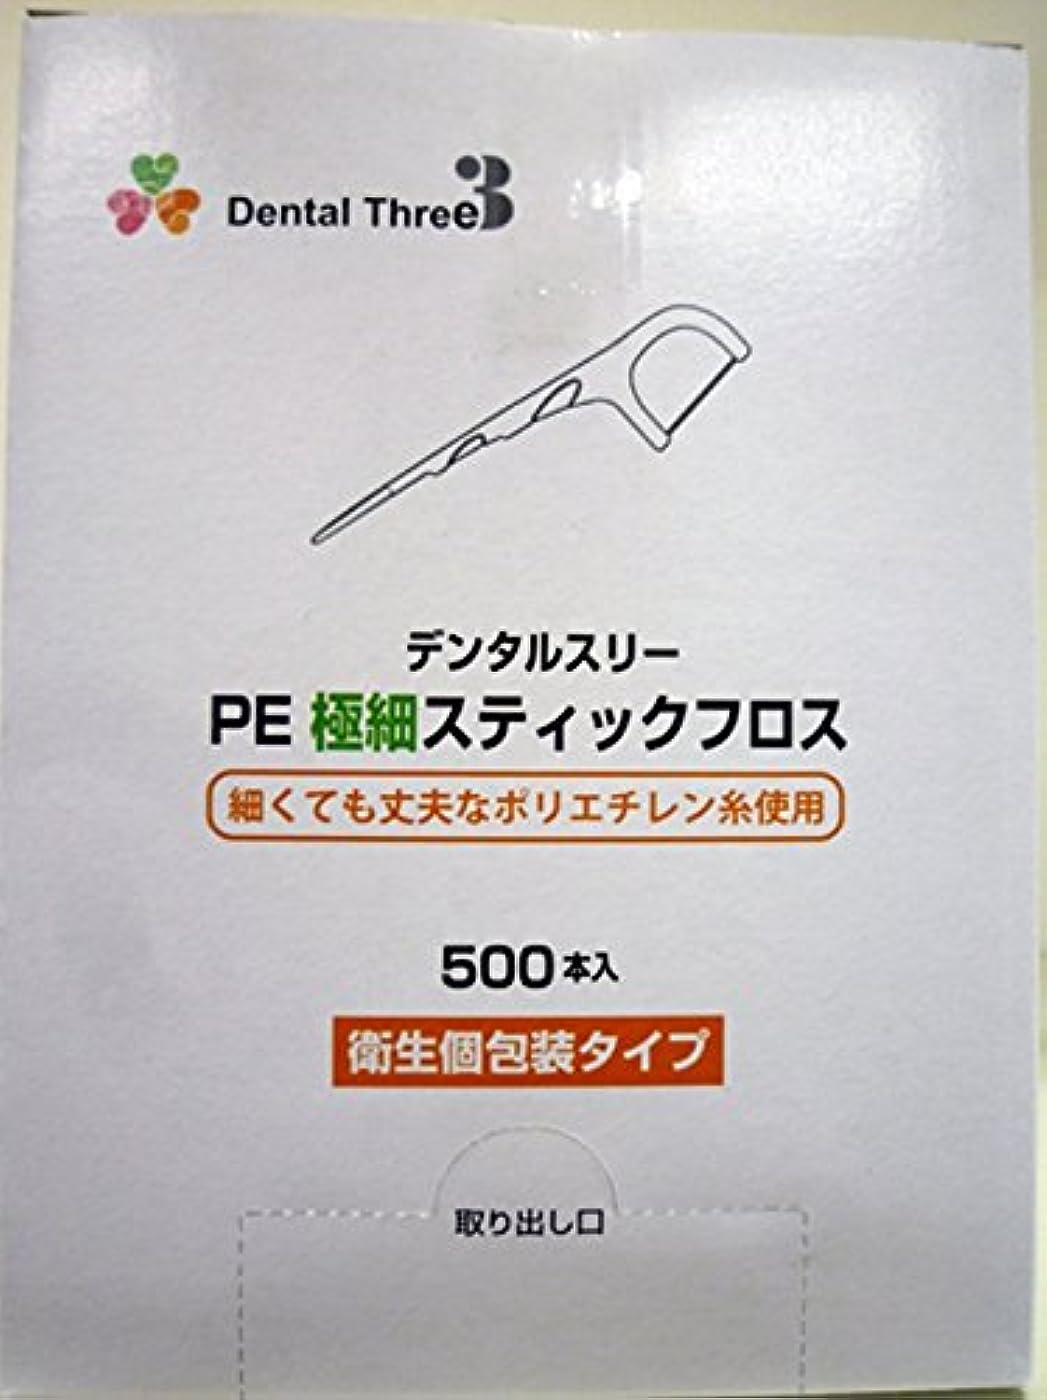 魅力ダニ精神的にデンタルスリー PE極細スティックフロス 500本入